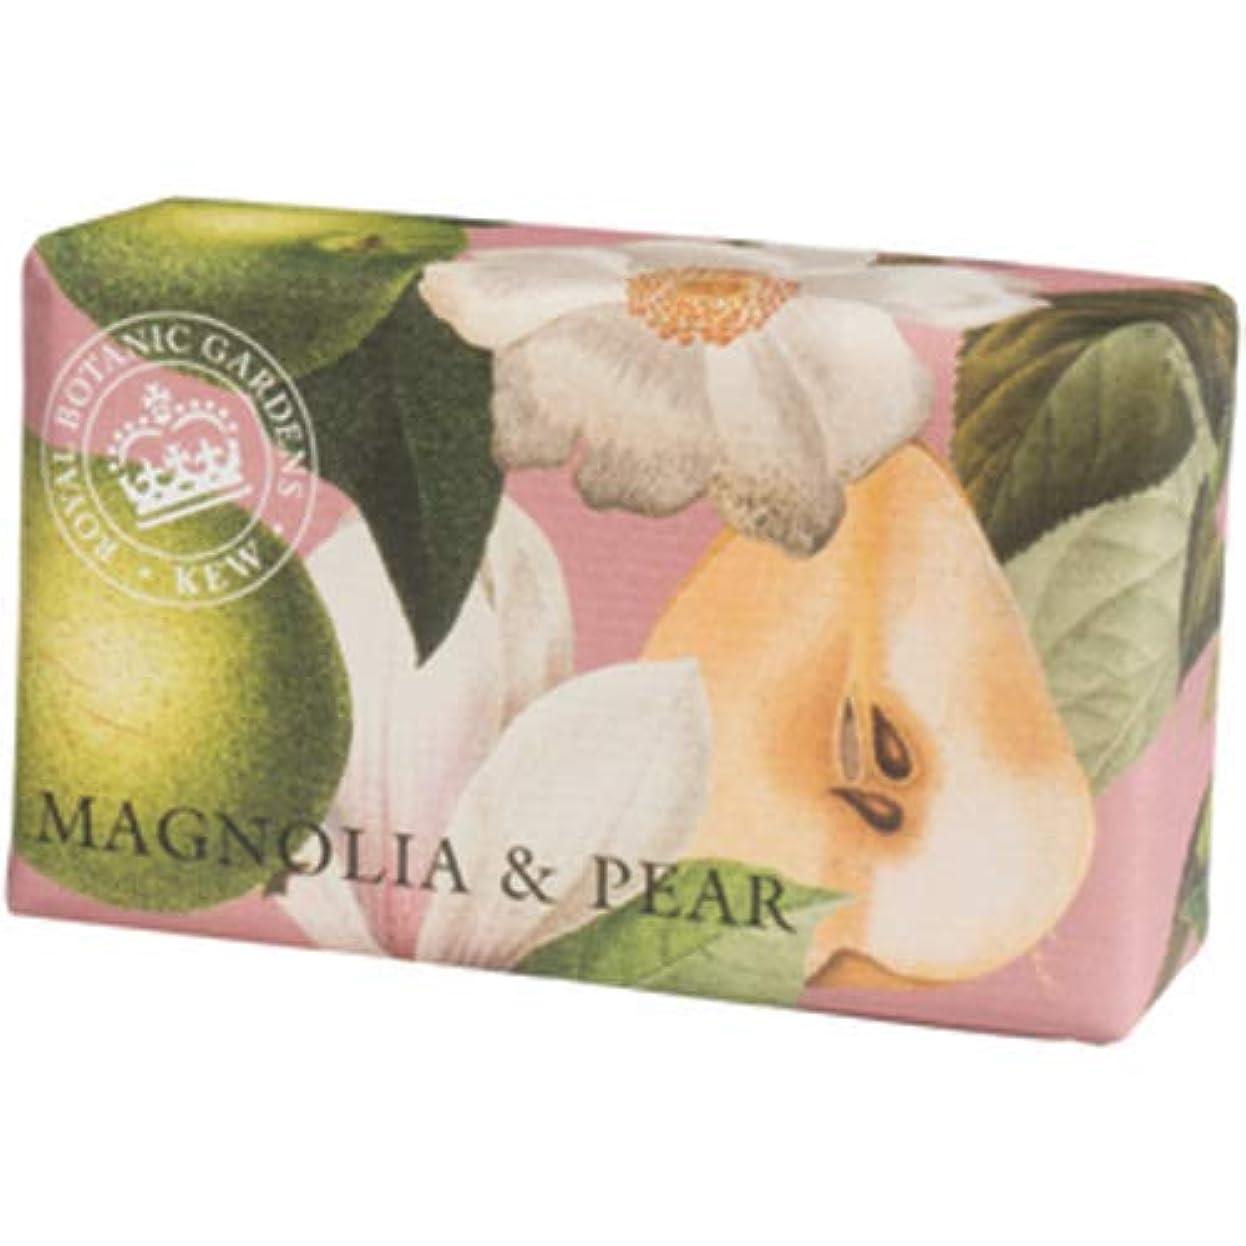 トンスペシャリスト成人期English Soap Company イングリッシュソープカンパニー KEW GARDEN キュー?ガーデン Luxury Shea Soaps シアソープ Magnolia & Pear マグノリア&ペア